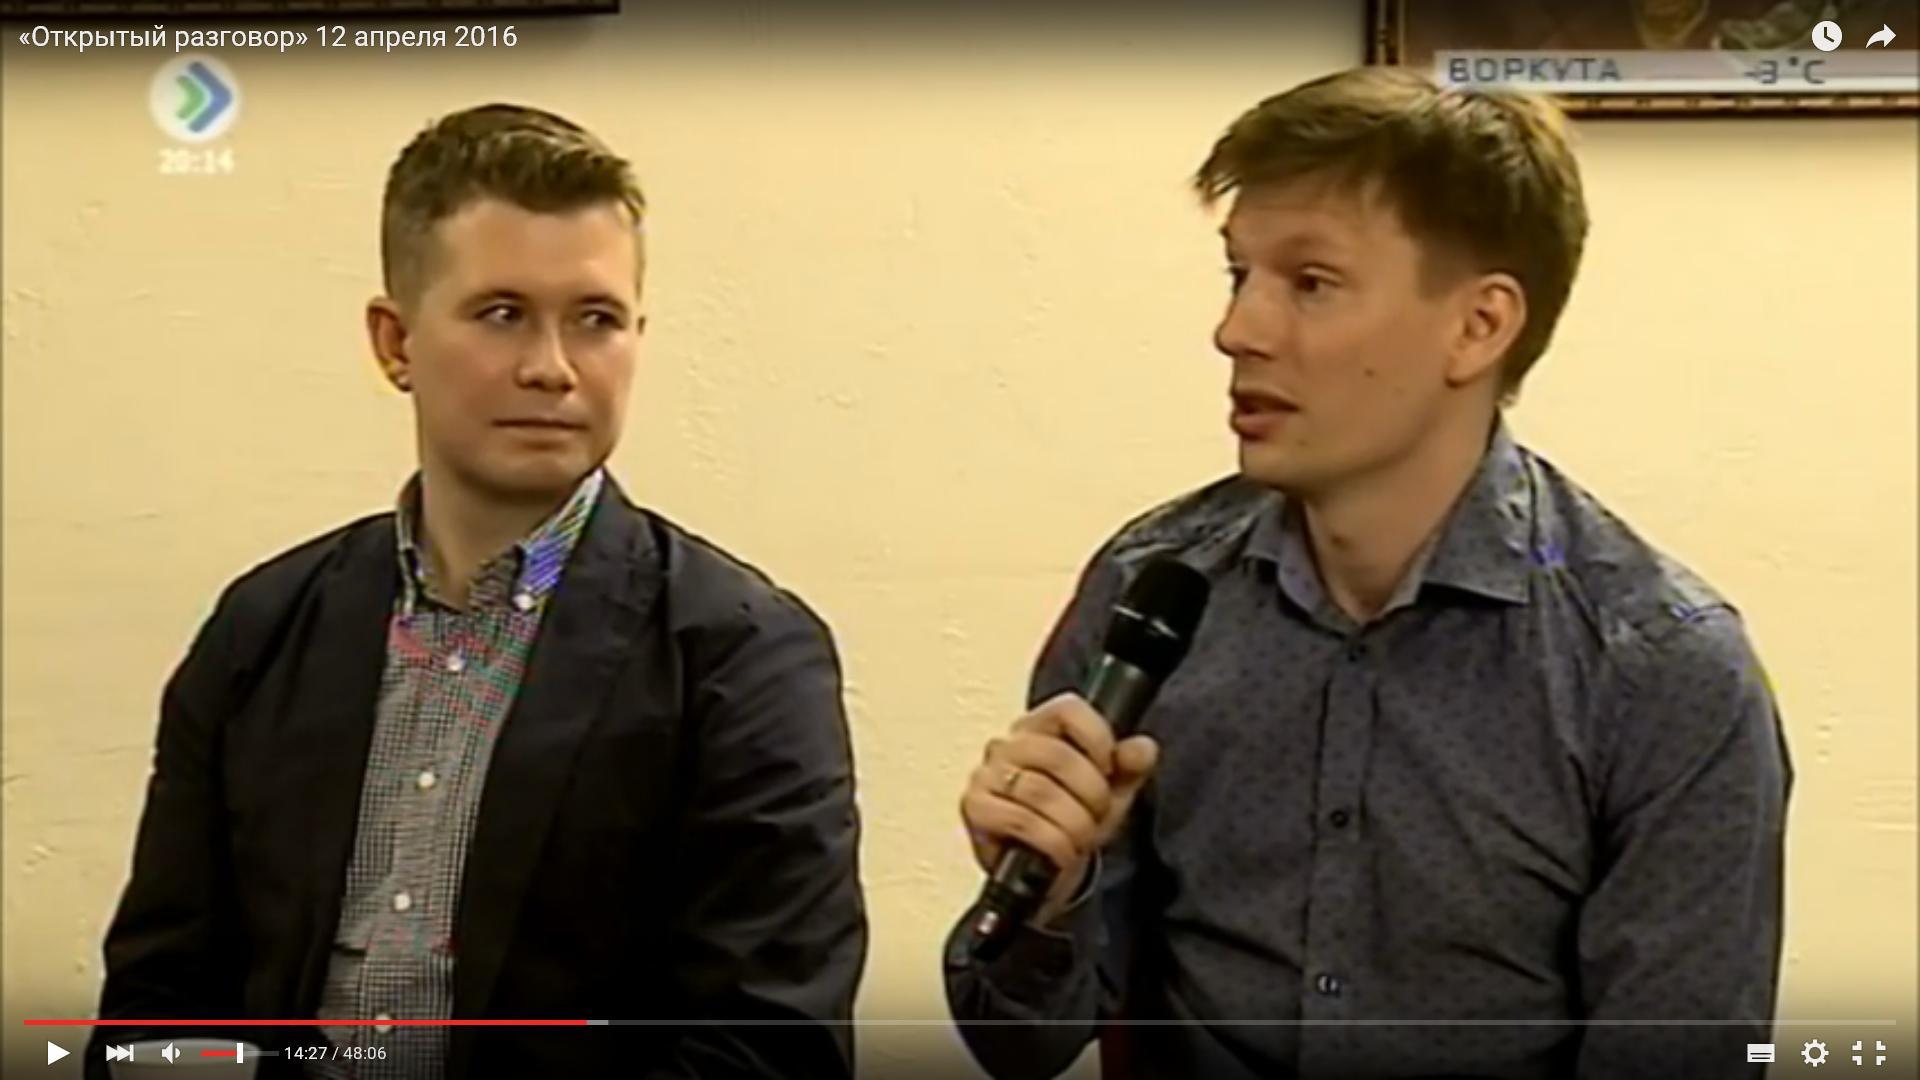 Сергей Гапликов поддержал возможность проведения в Коми Российского кубка